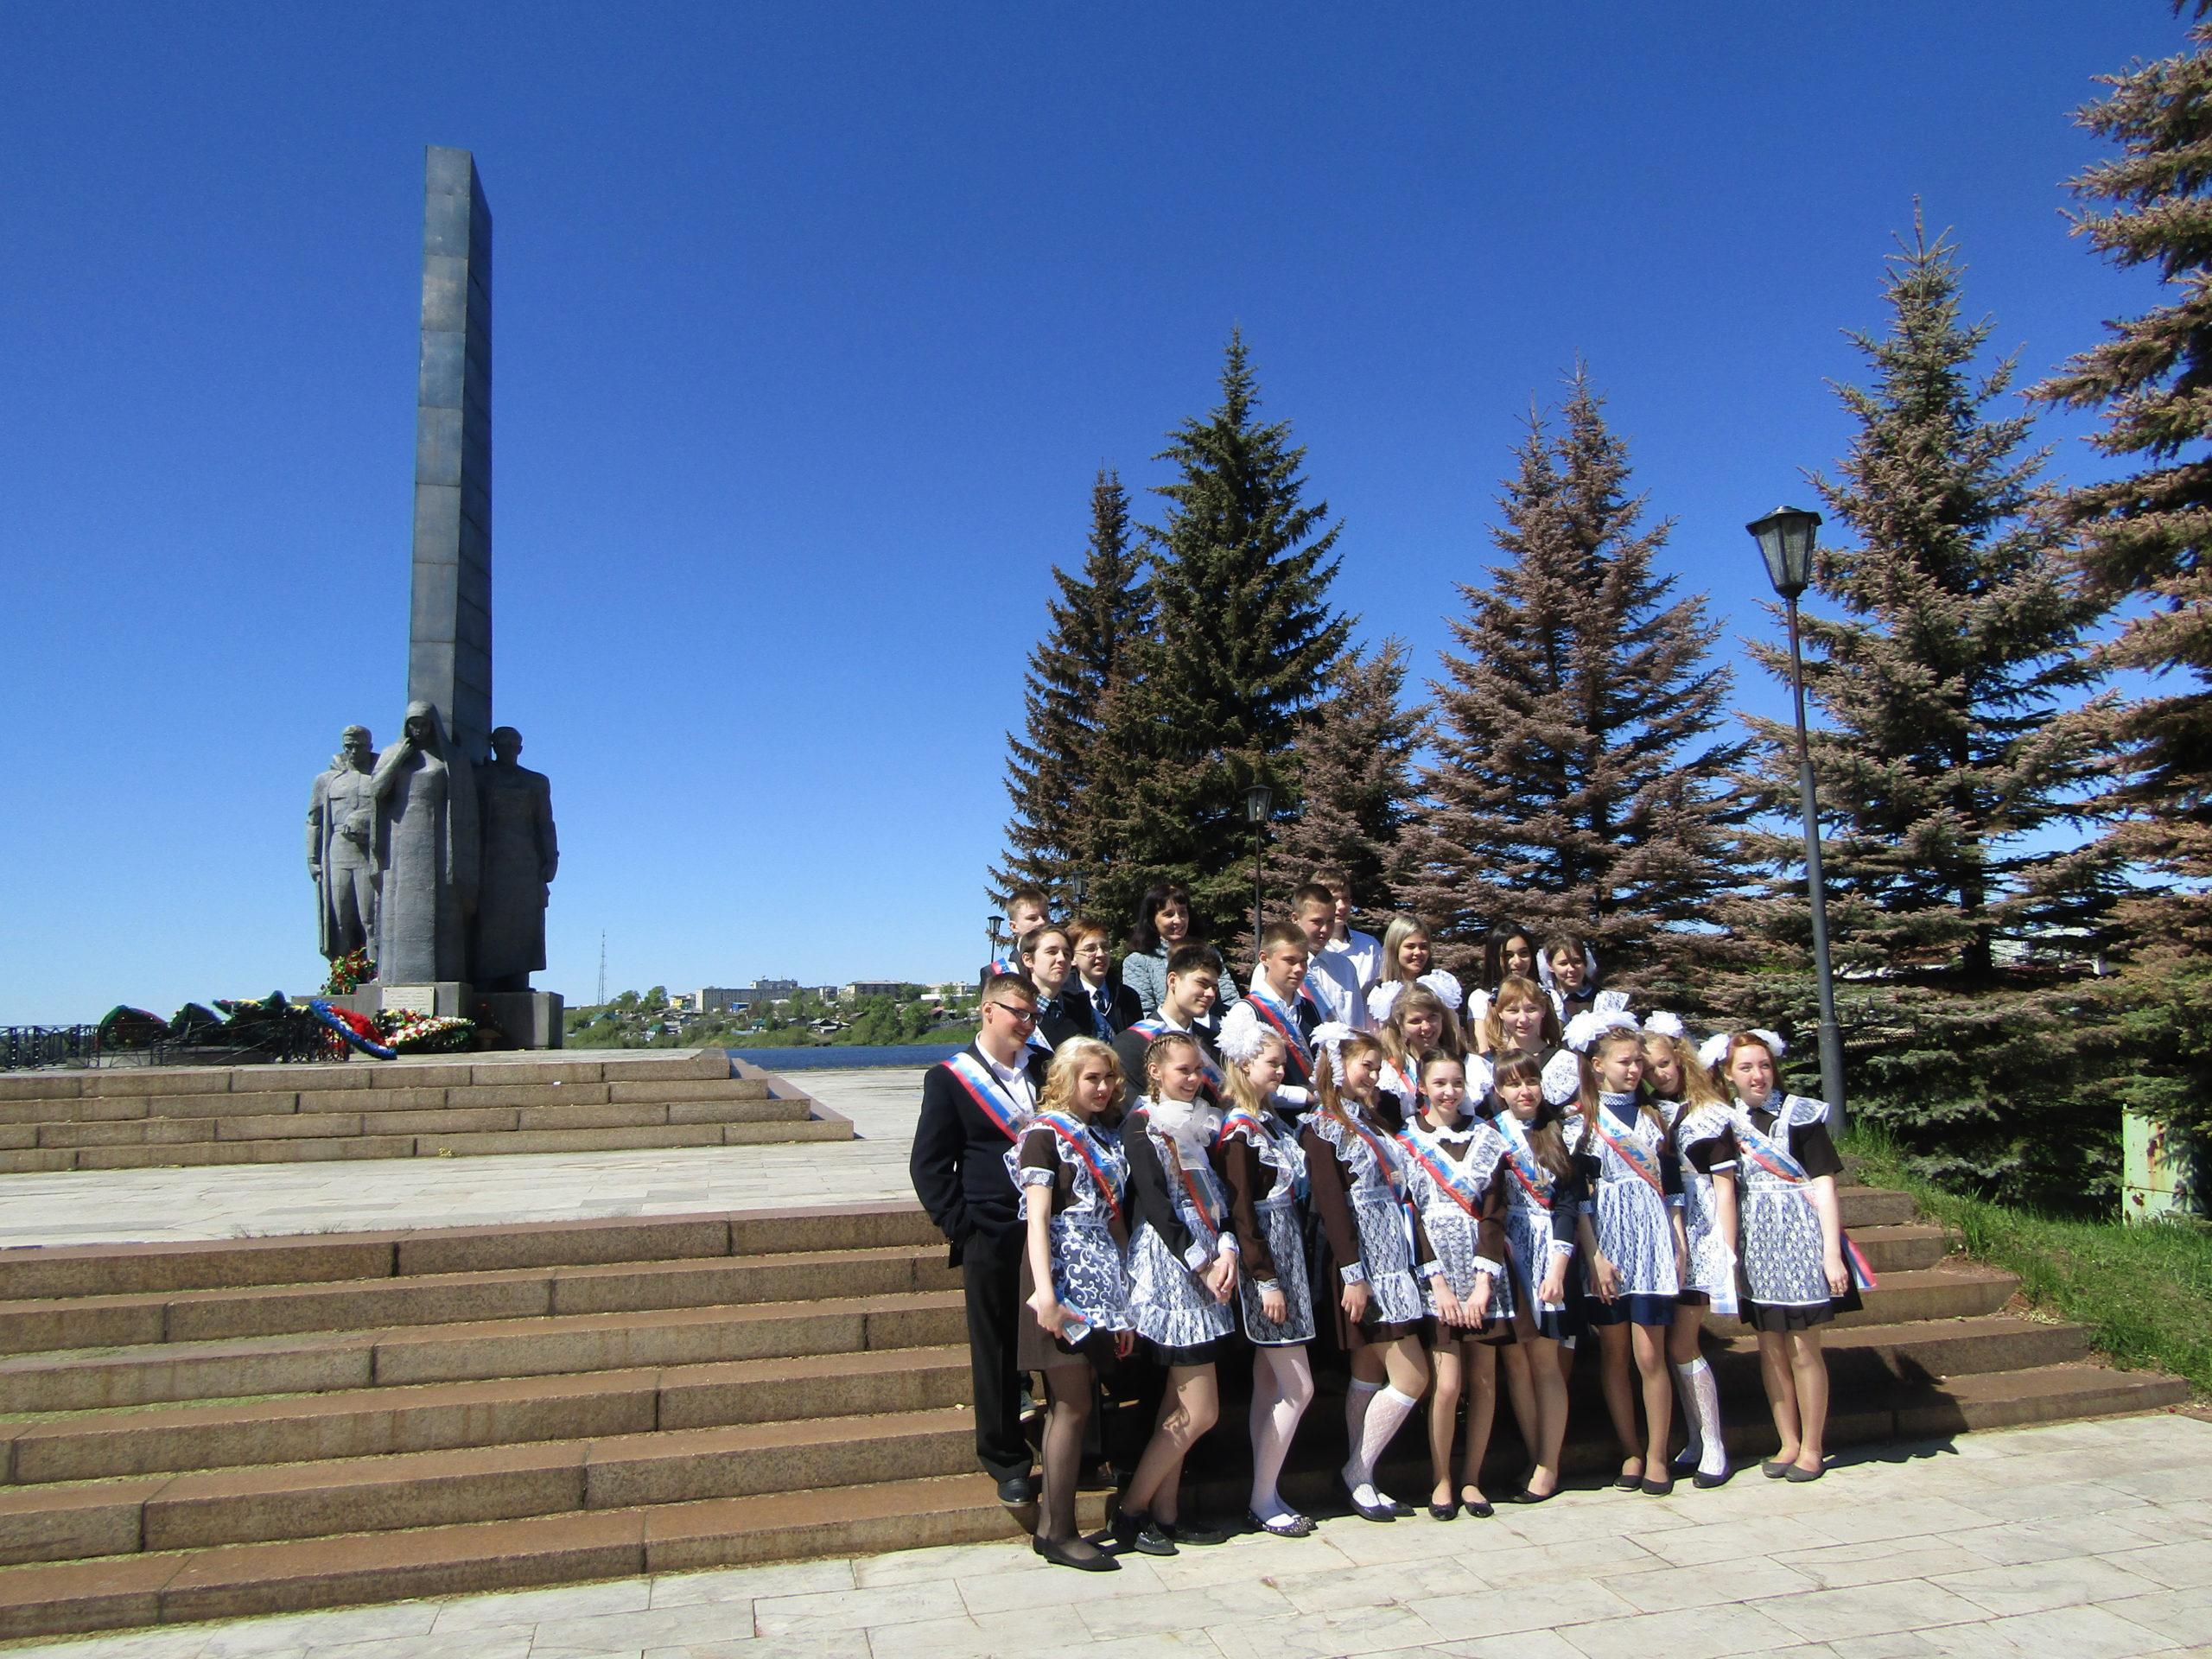 Самой знаковой достопримечательностью Режа в советский период стал Монумент боевой и трудовой славы